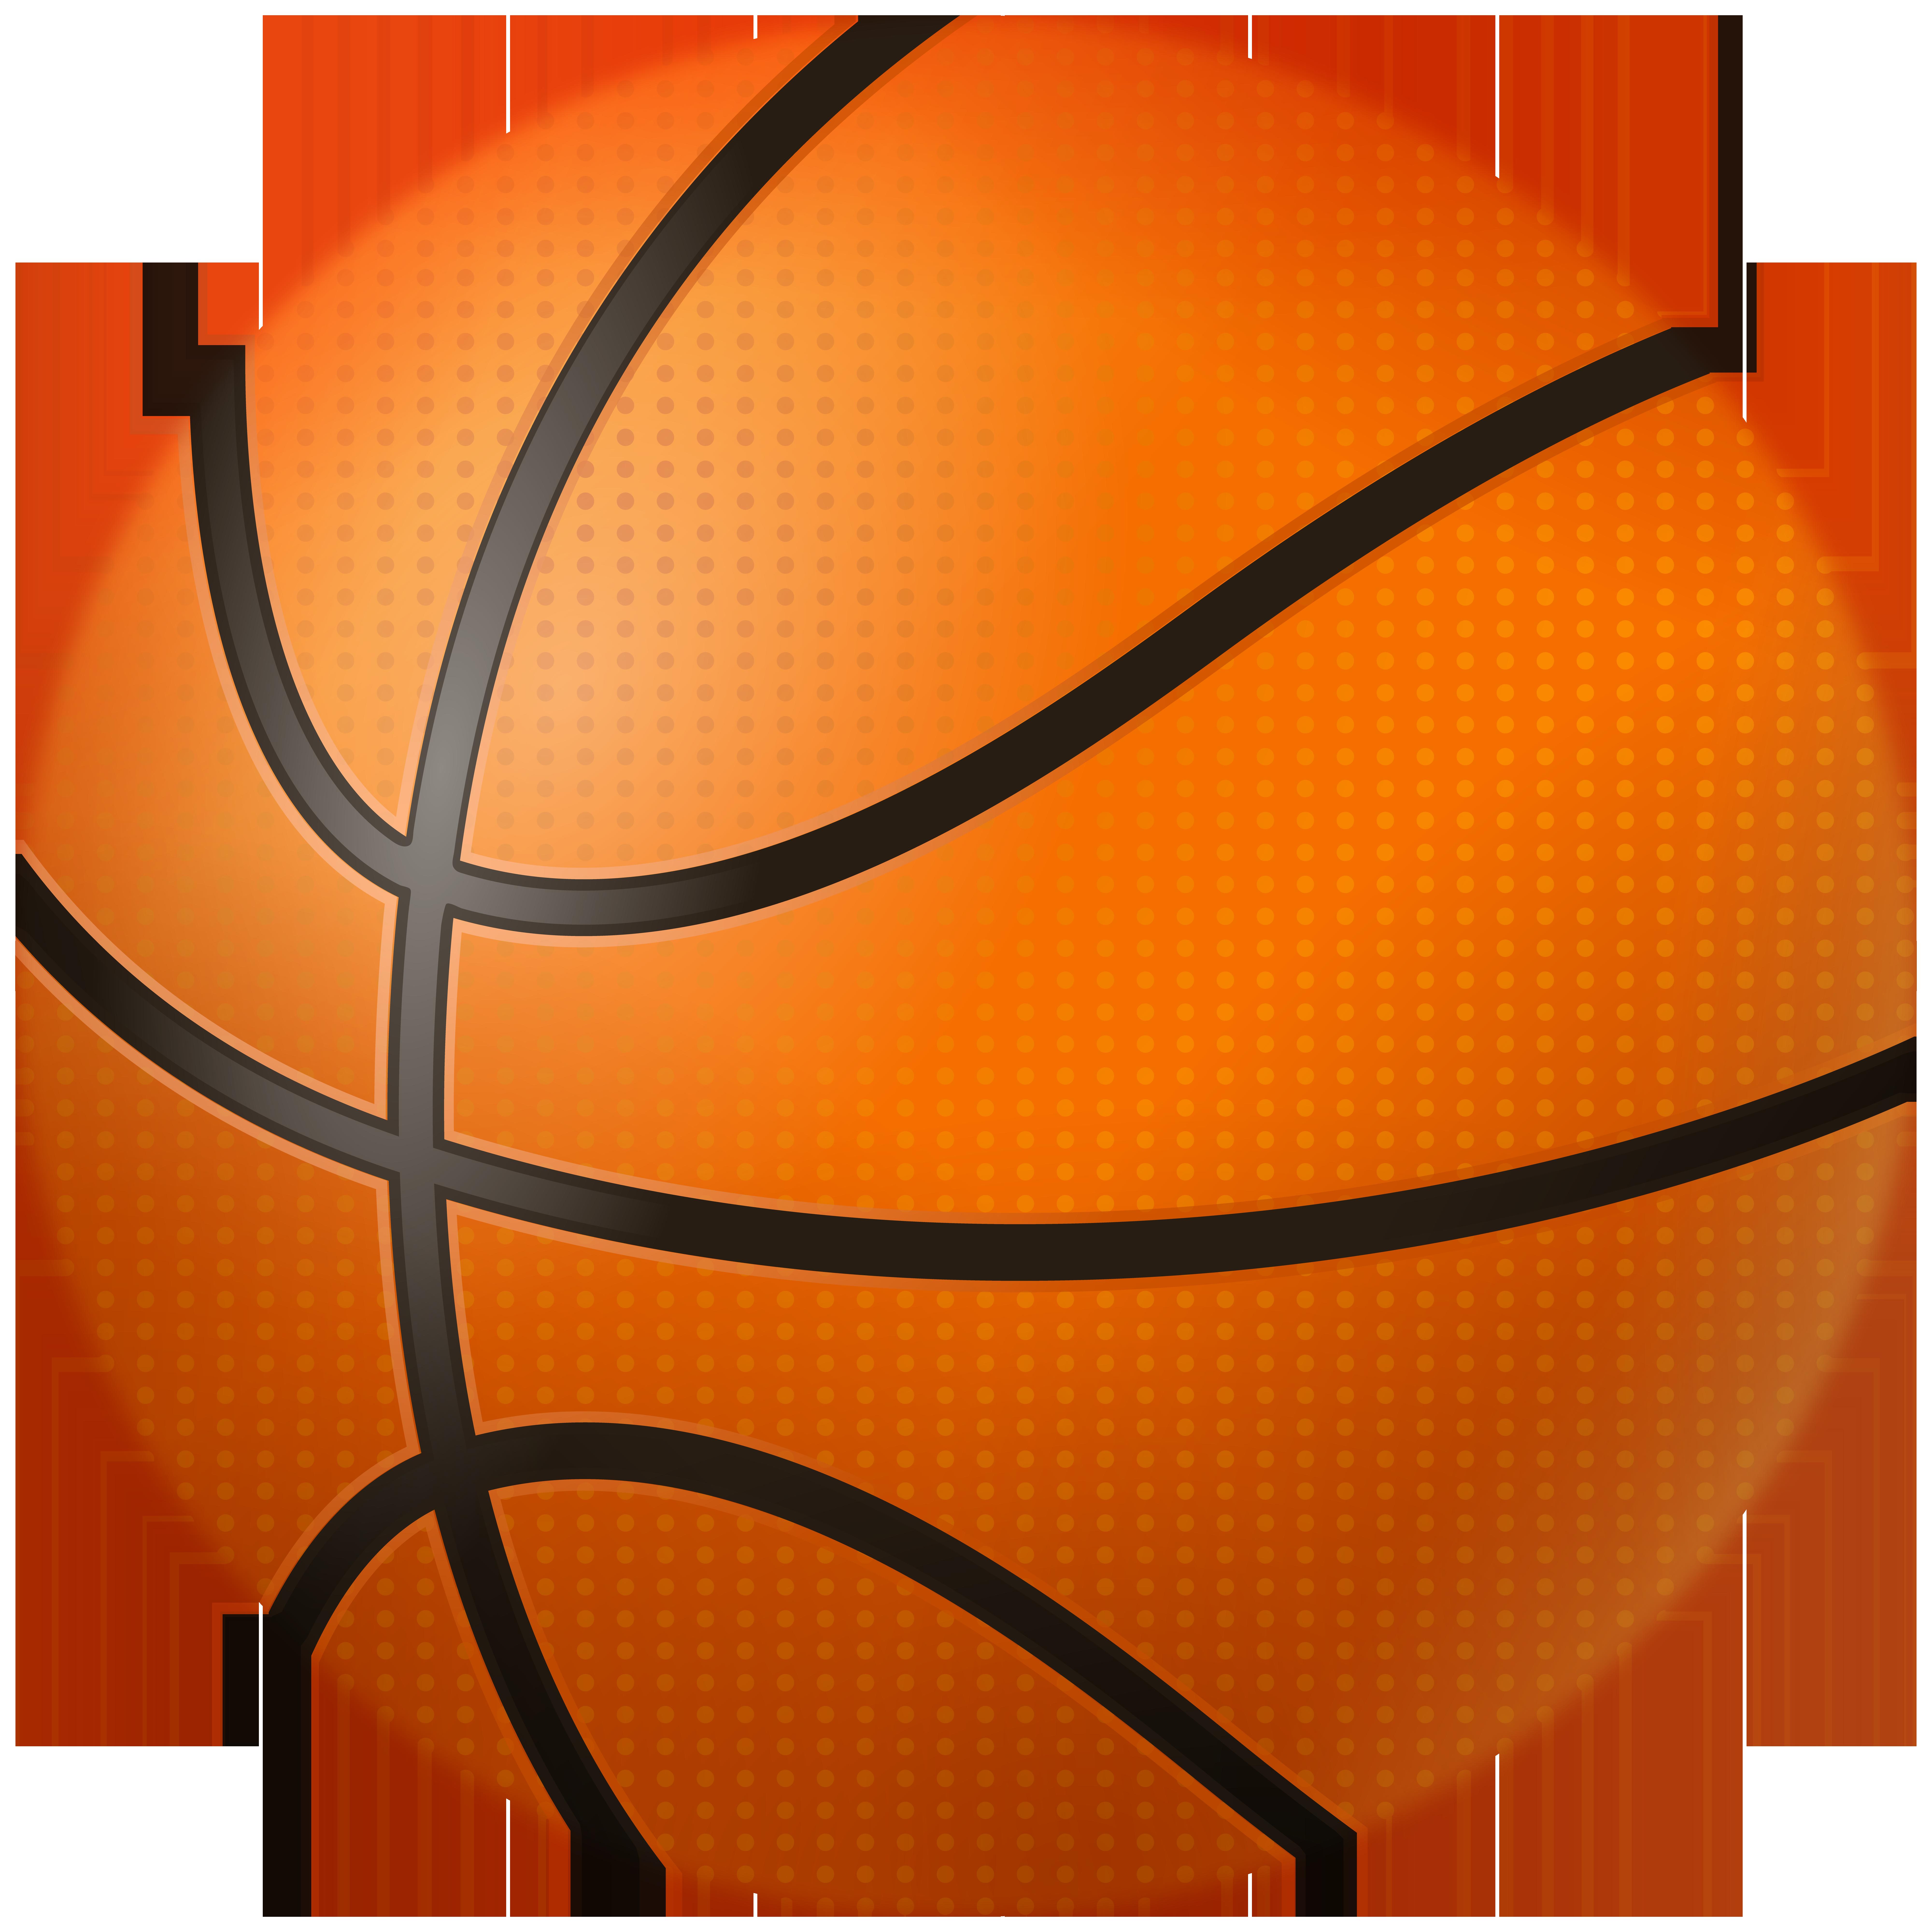 Basketball Ball Clipart Image.